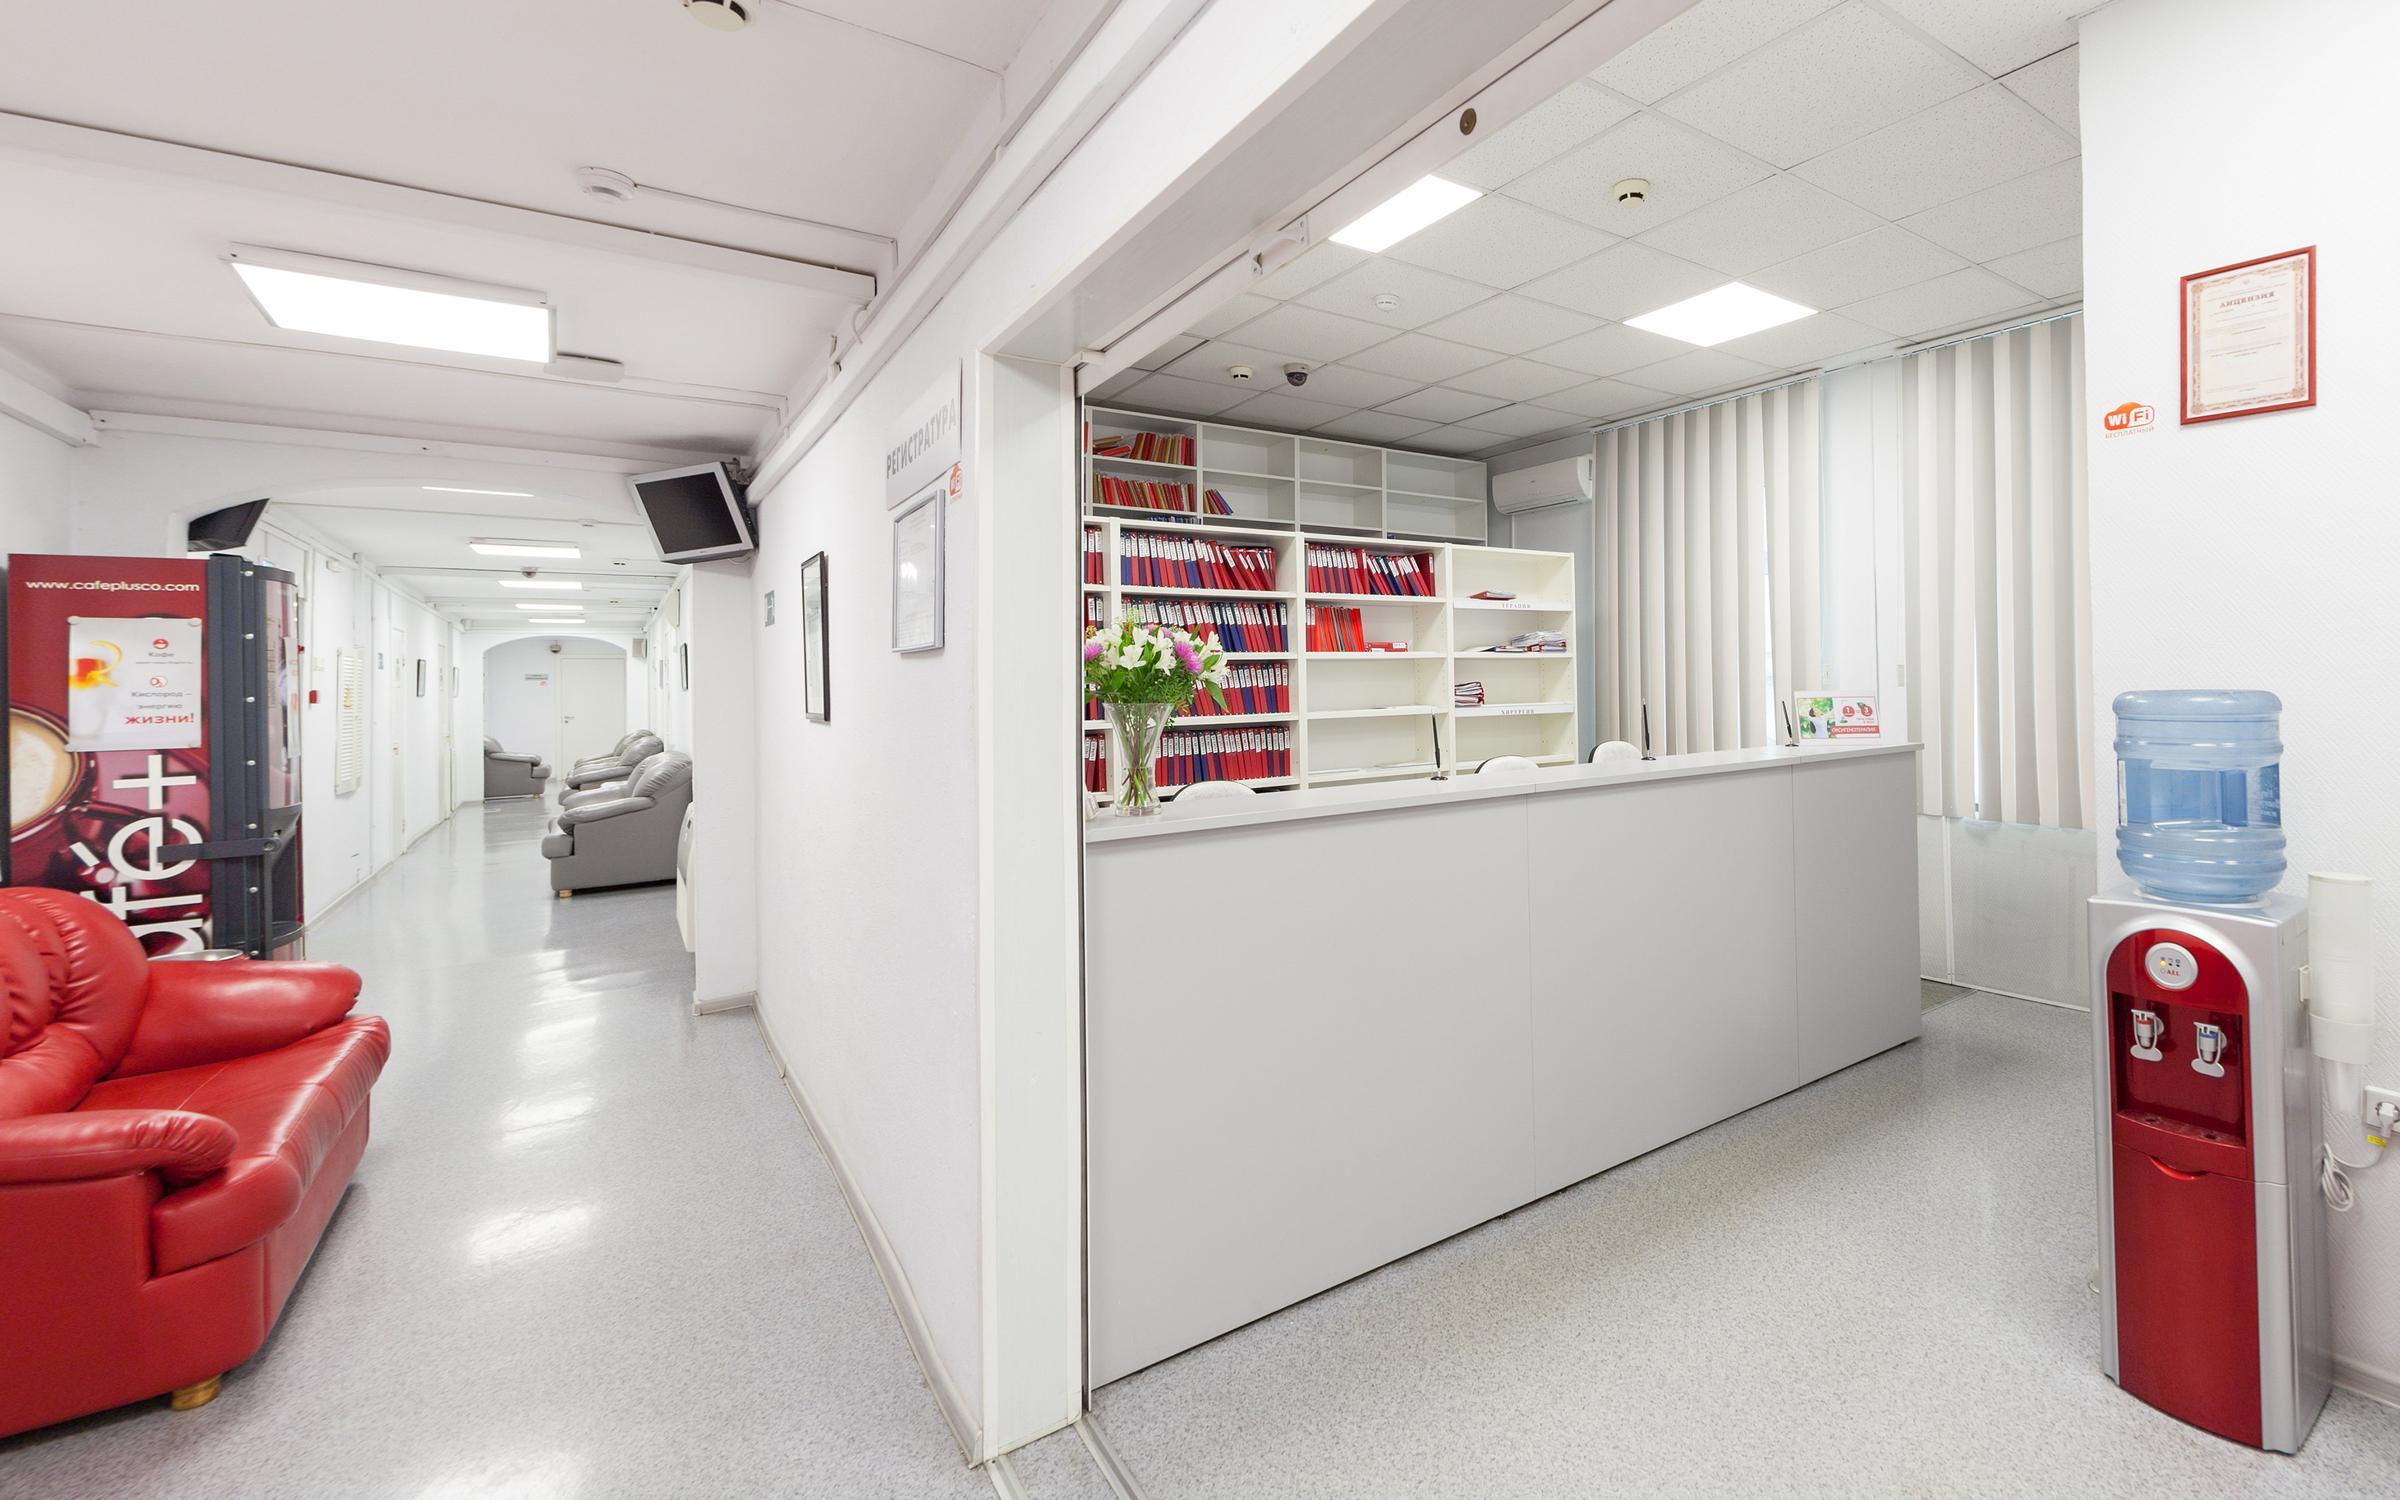 фотография Медицинского центра Доктор 2000 в Газетном переулке